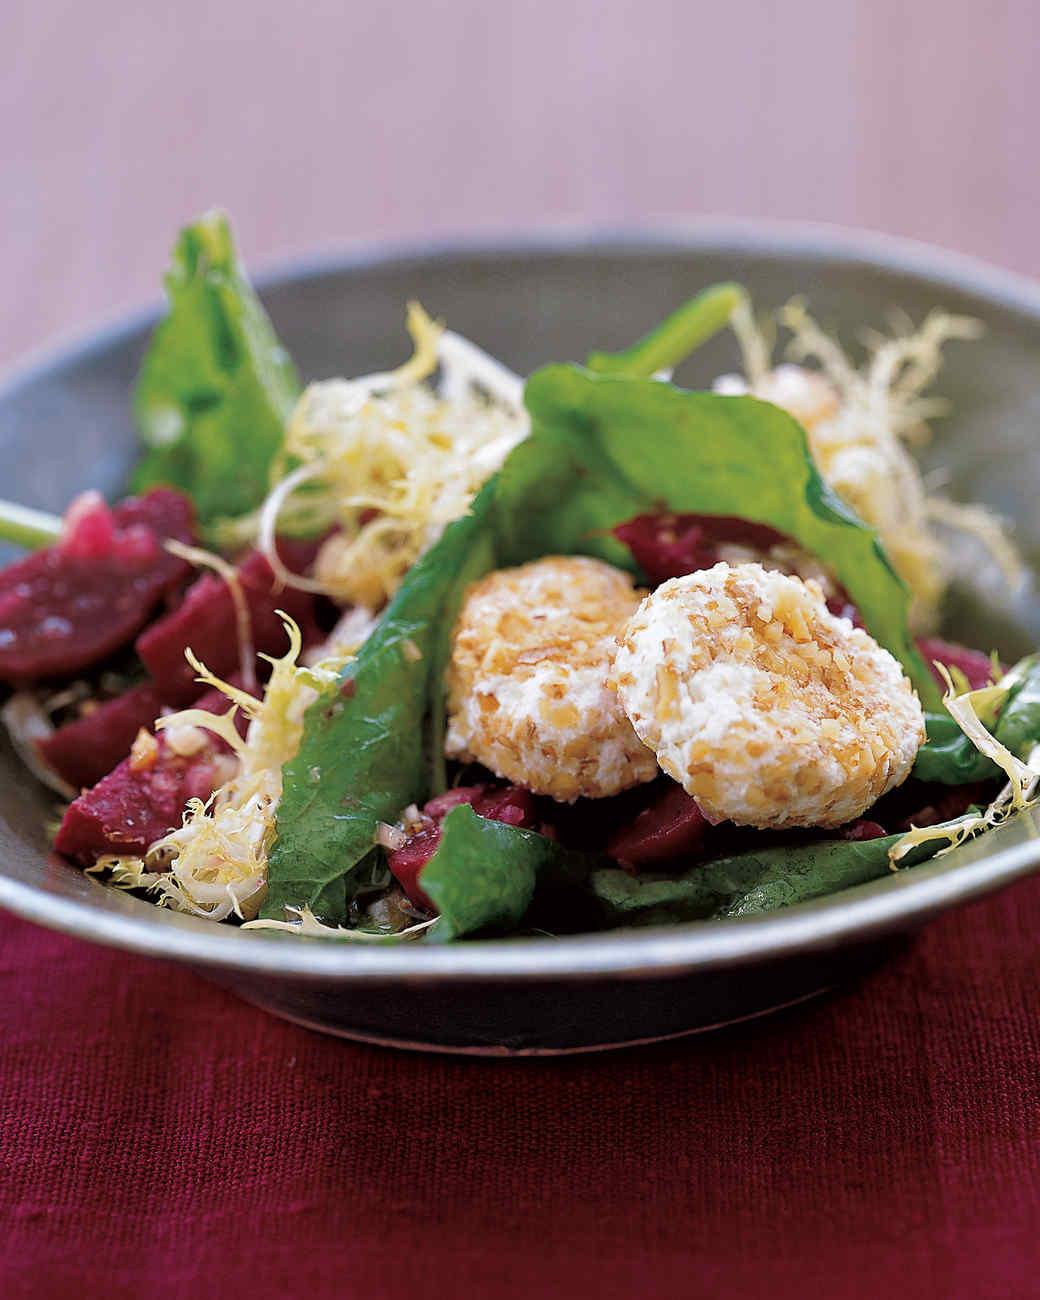 Arugula, Beet, and Goat Cheese Salad